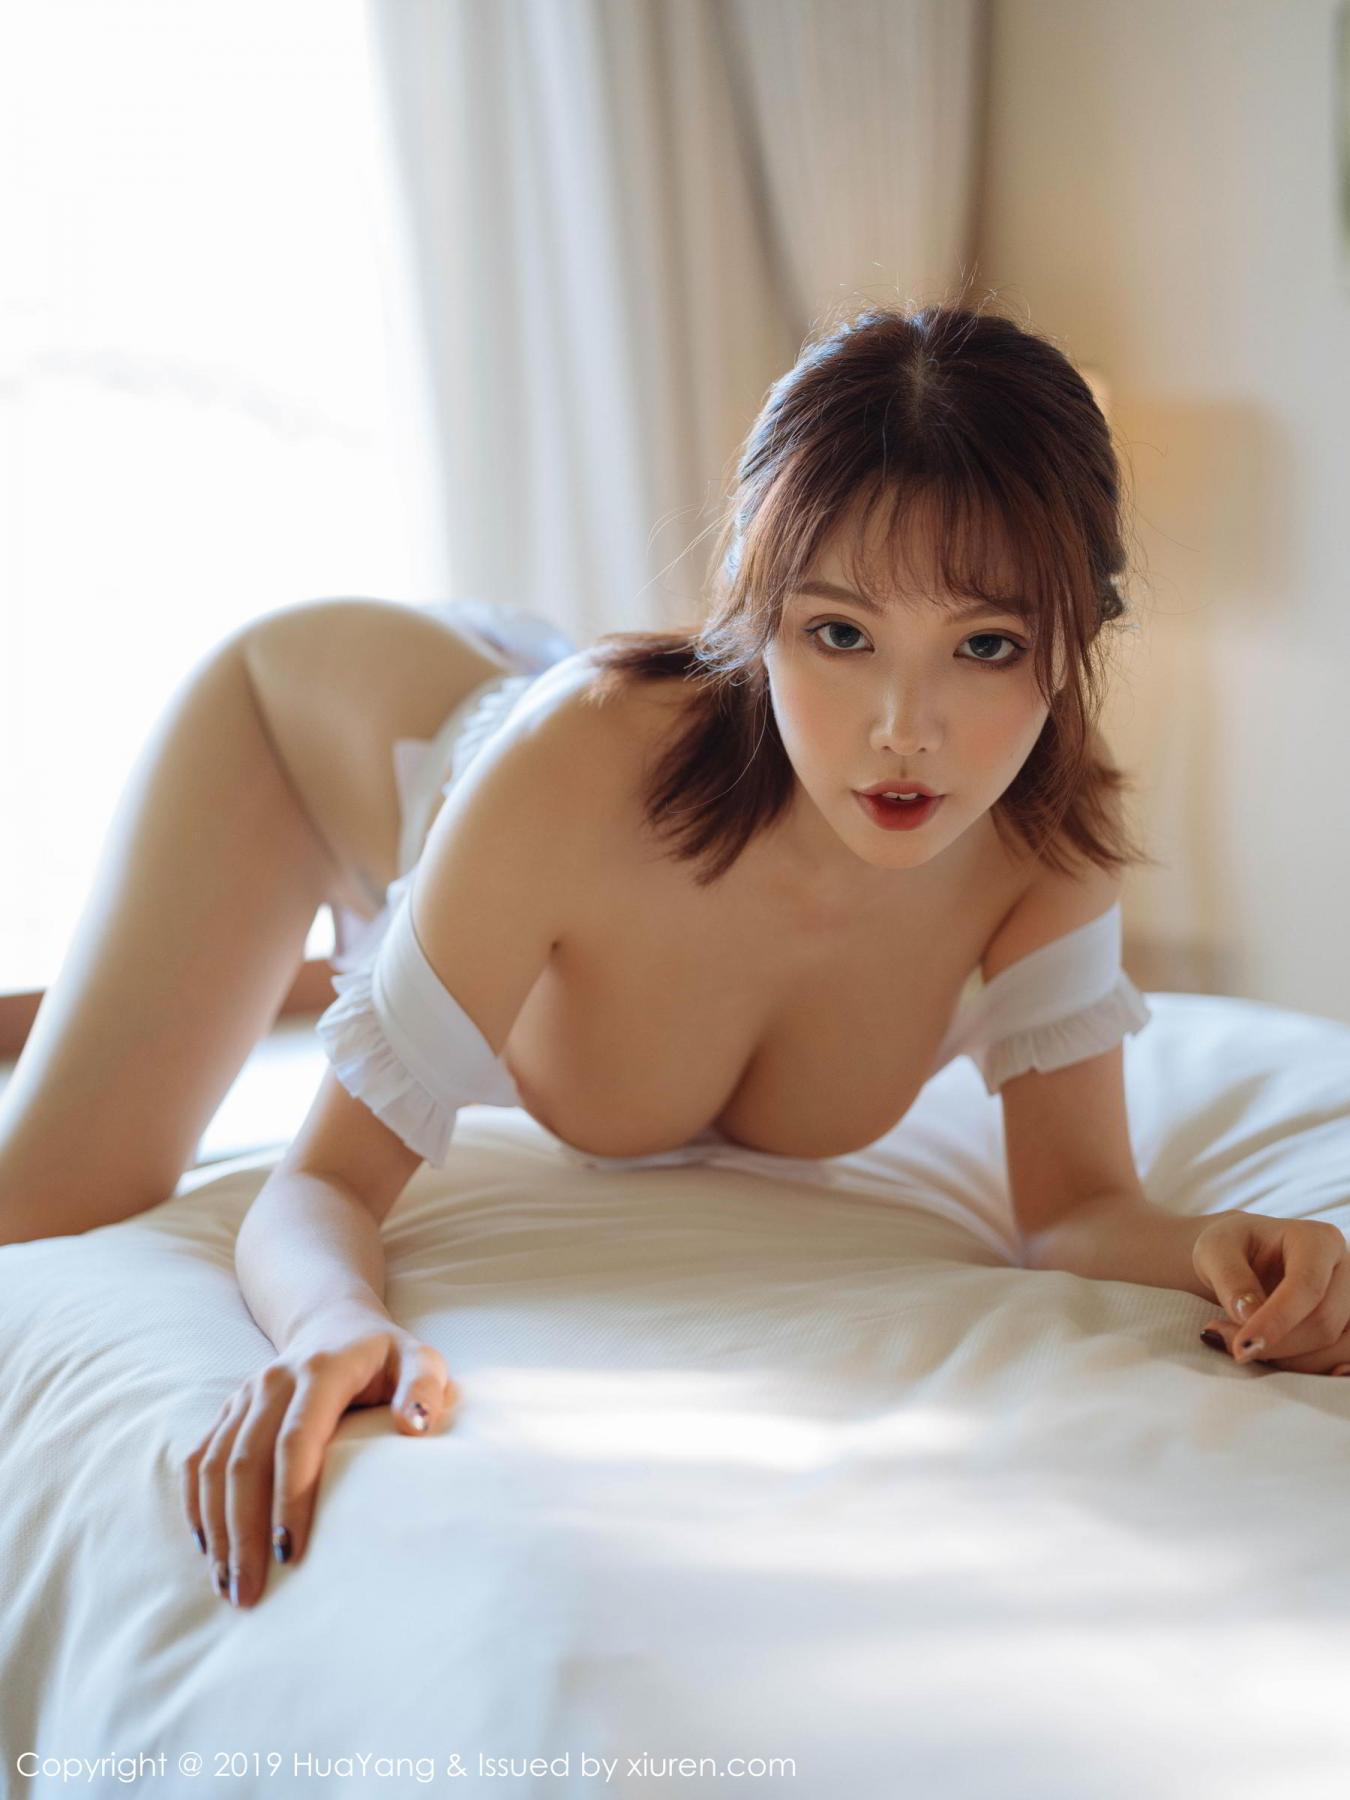 [Huayang] Vol.134 Huang Le Ran 24P, Huang Le Ran, HuaYang, Maid, Sexy